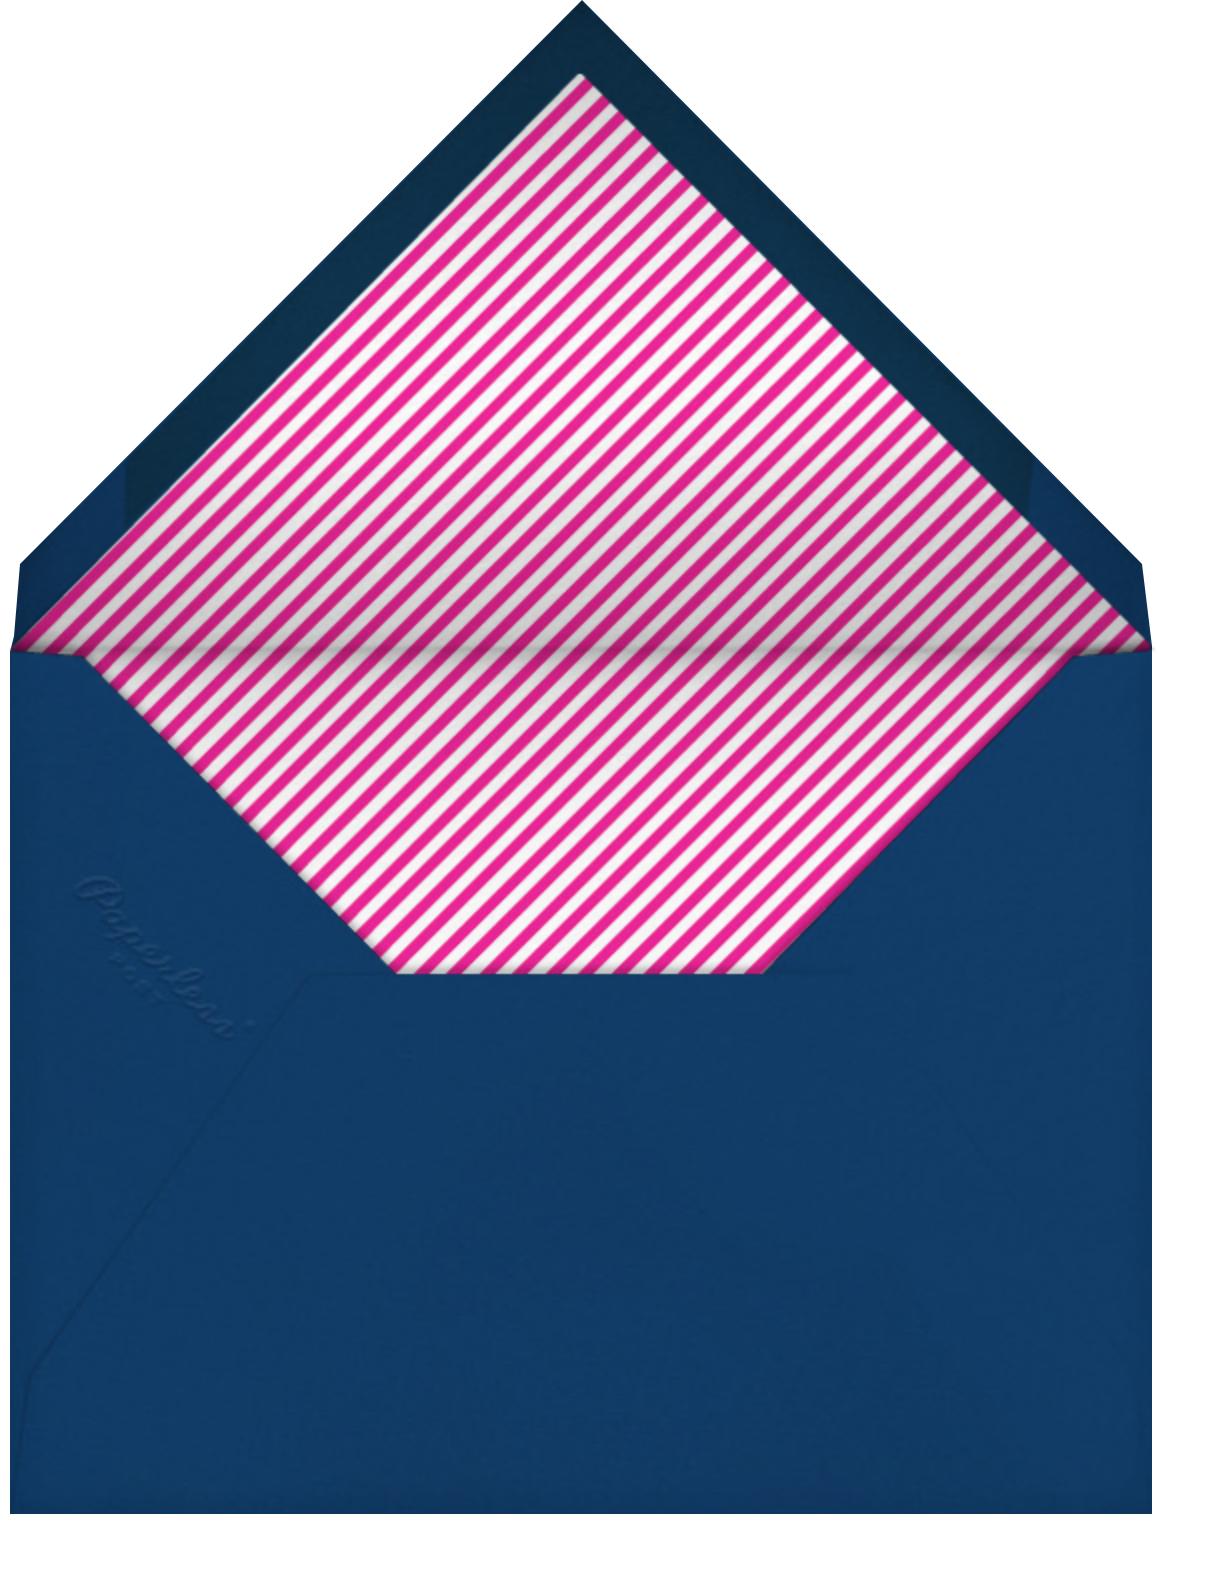 Ring It In (Horizontal) - Multi - Jonathan Adler - New Year's Eve - envelope back